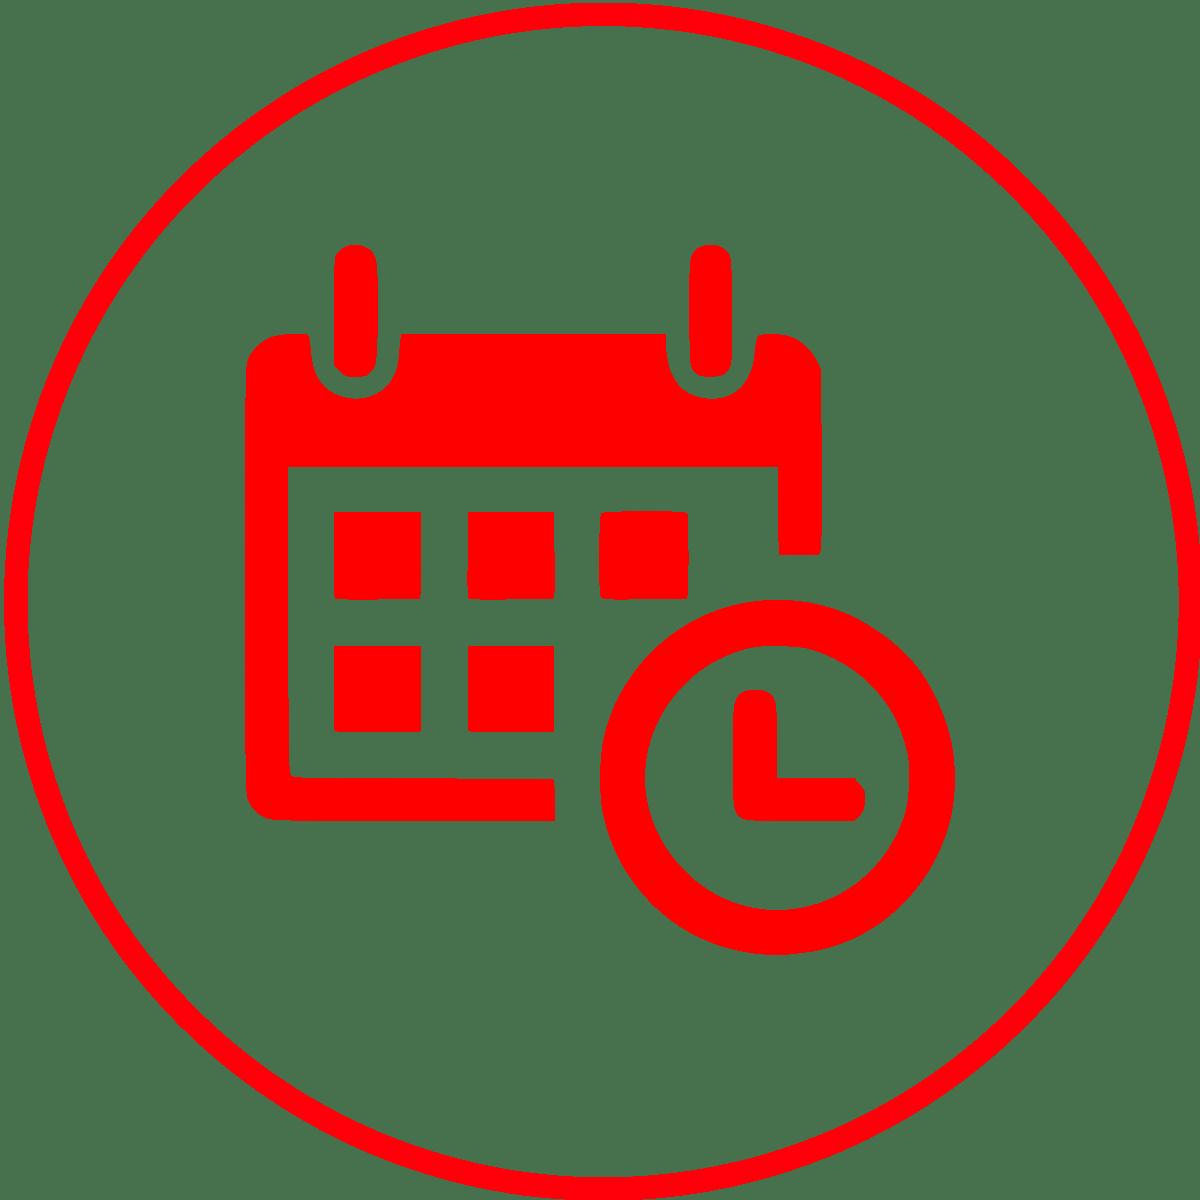 eventi ciclabili siciliane